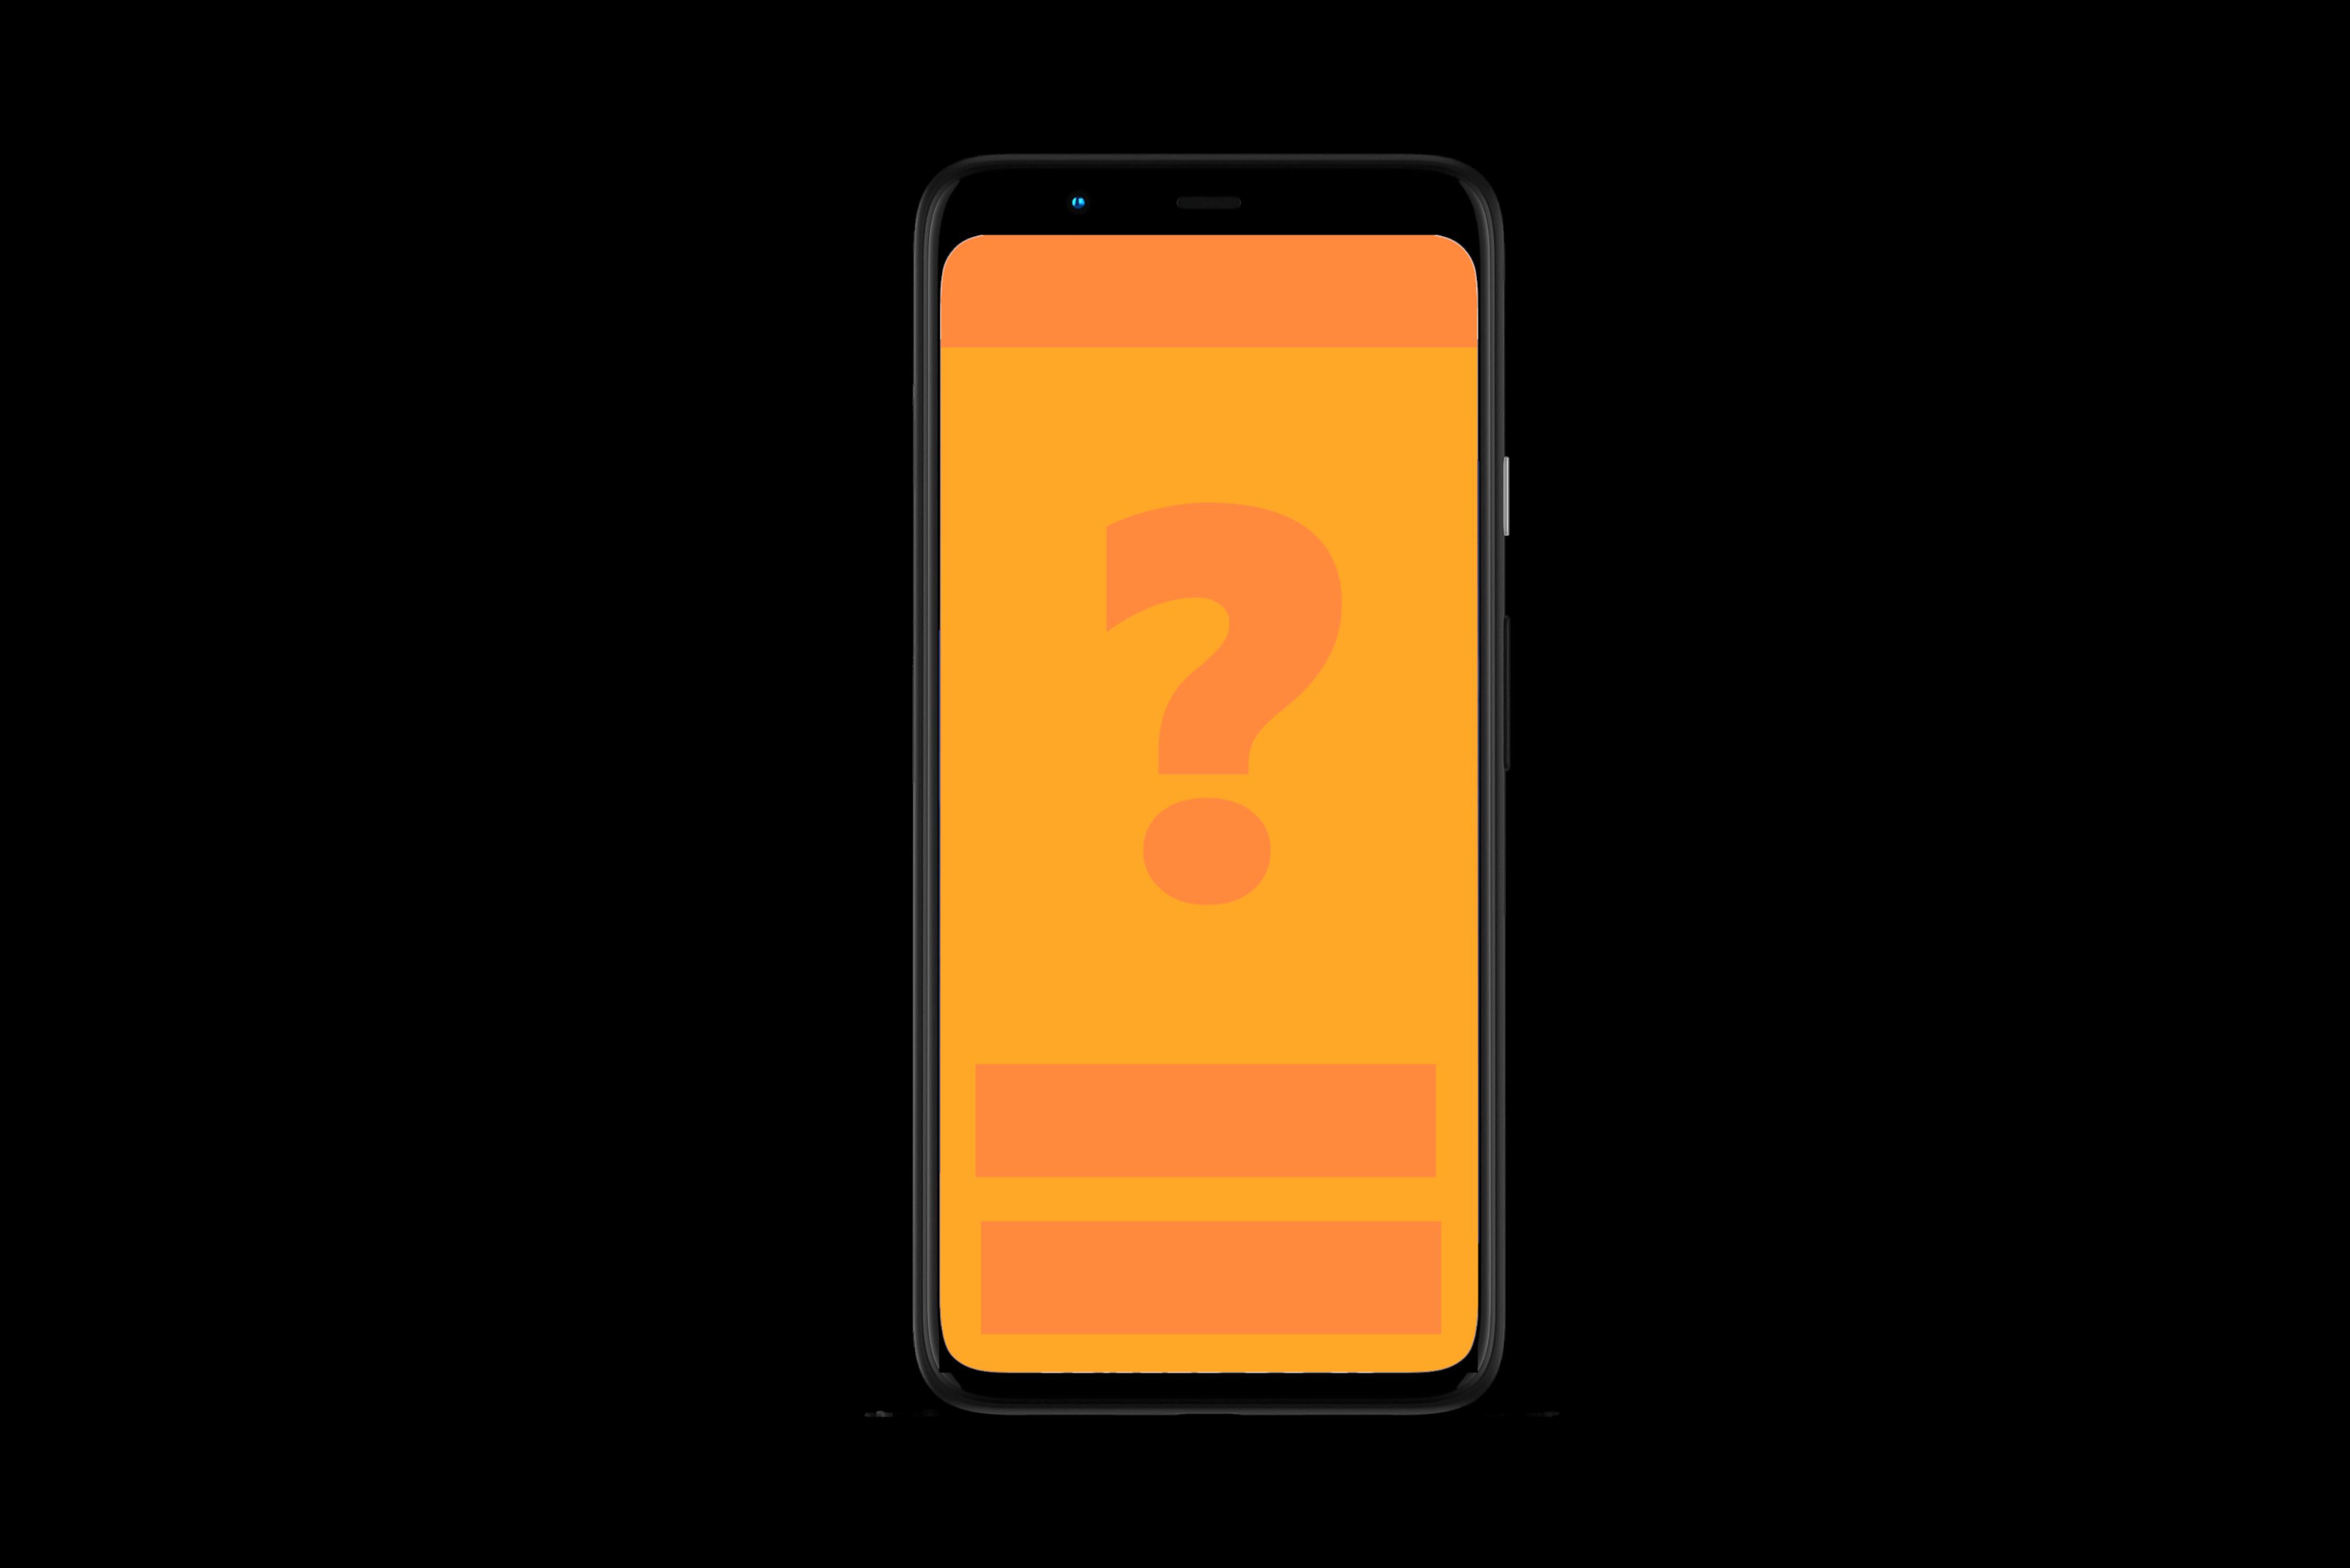 vývoj mobilní aplikace tooltip - vývoj mobilních aplikací